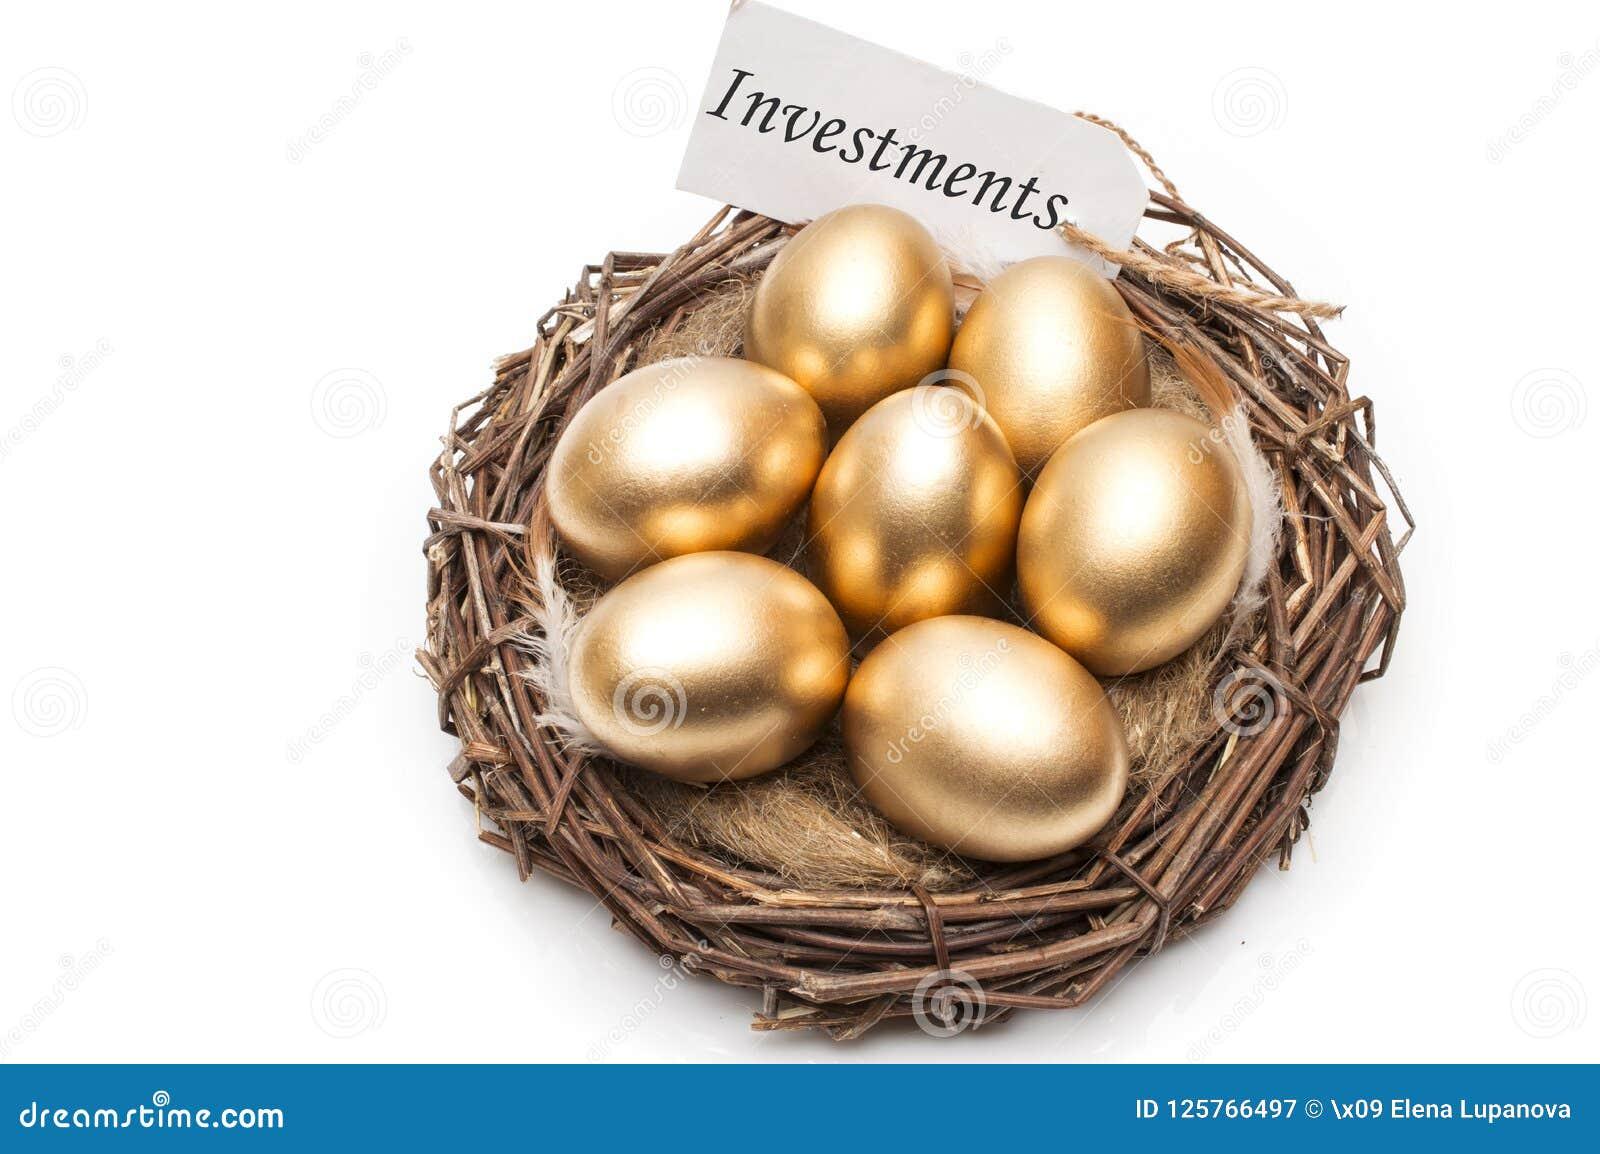 Jerarquice con huevos de oro con una etiqueta y una palabra de inversiones en un fondo blanco El concepto de retiro acertado